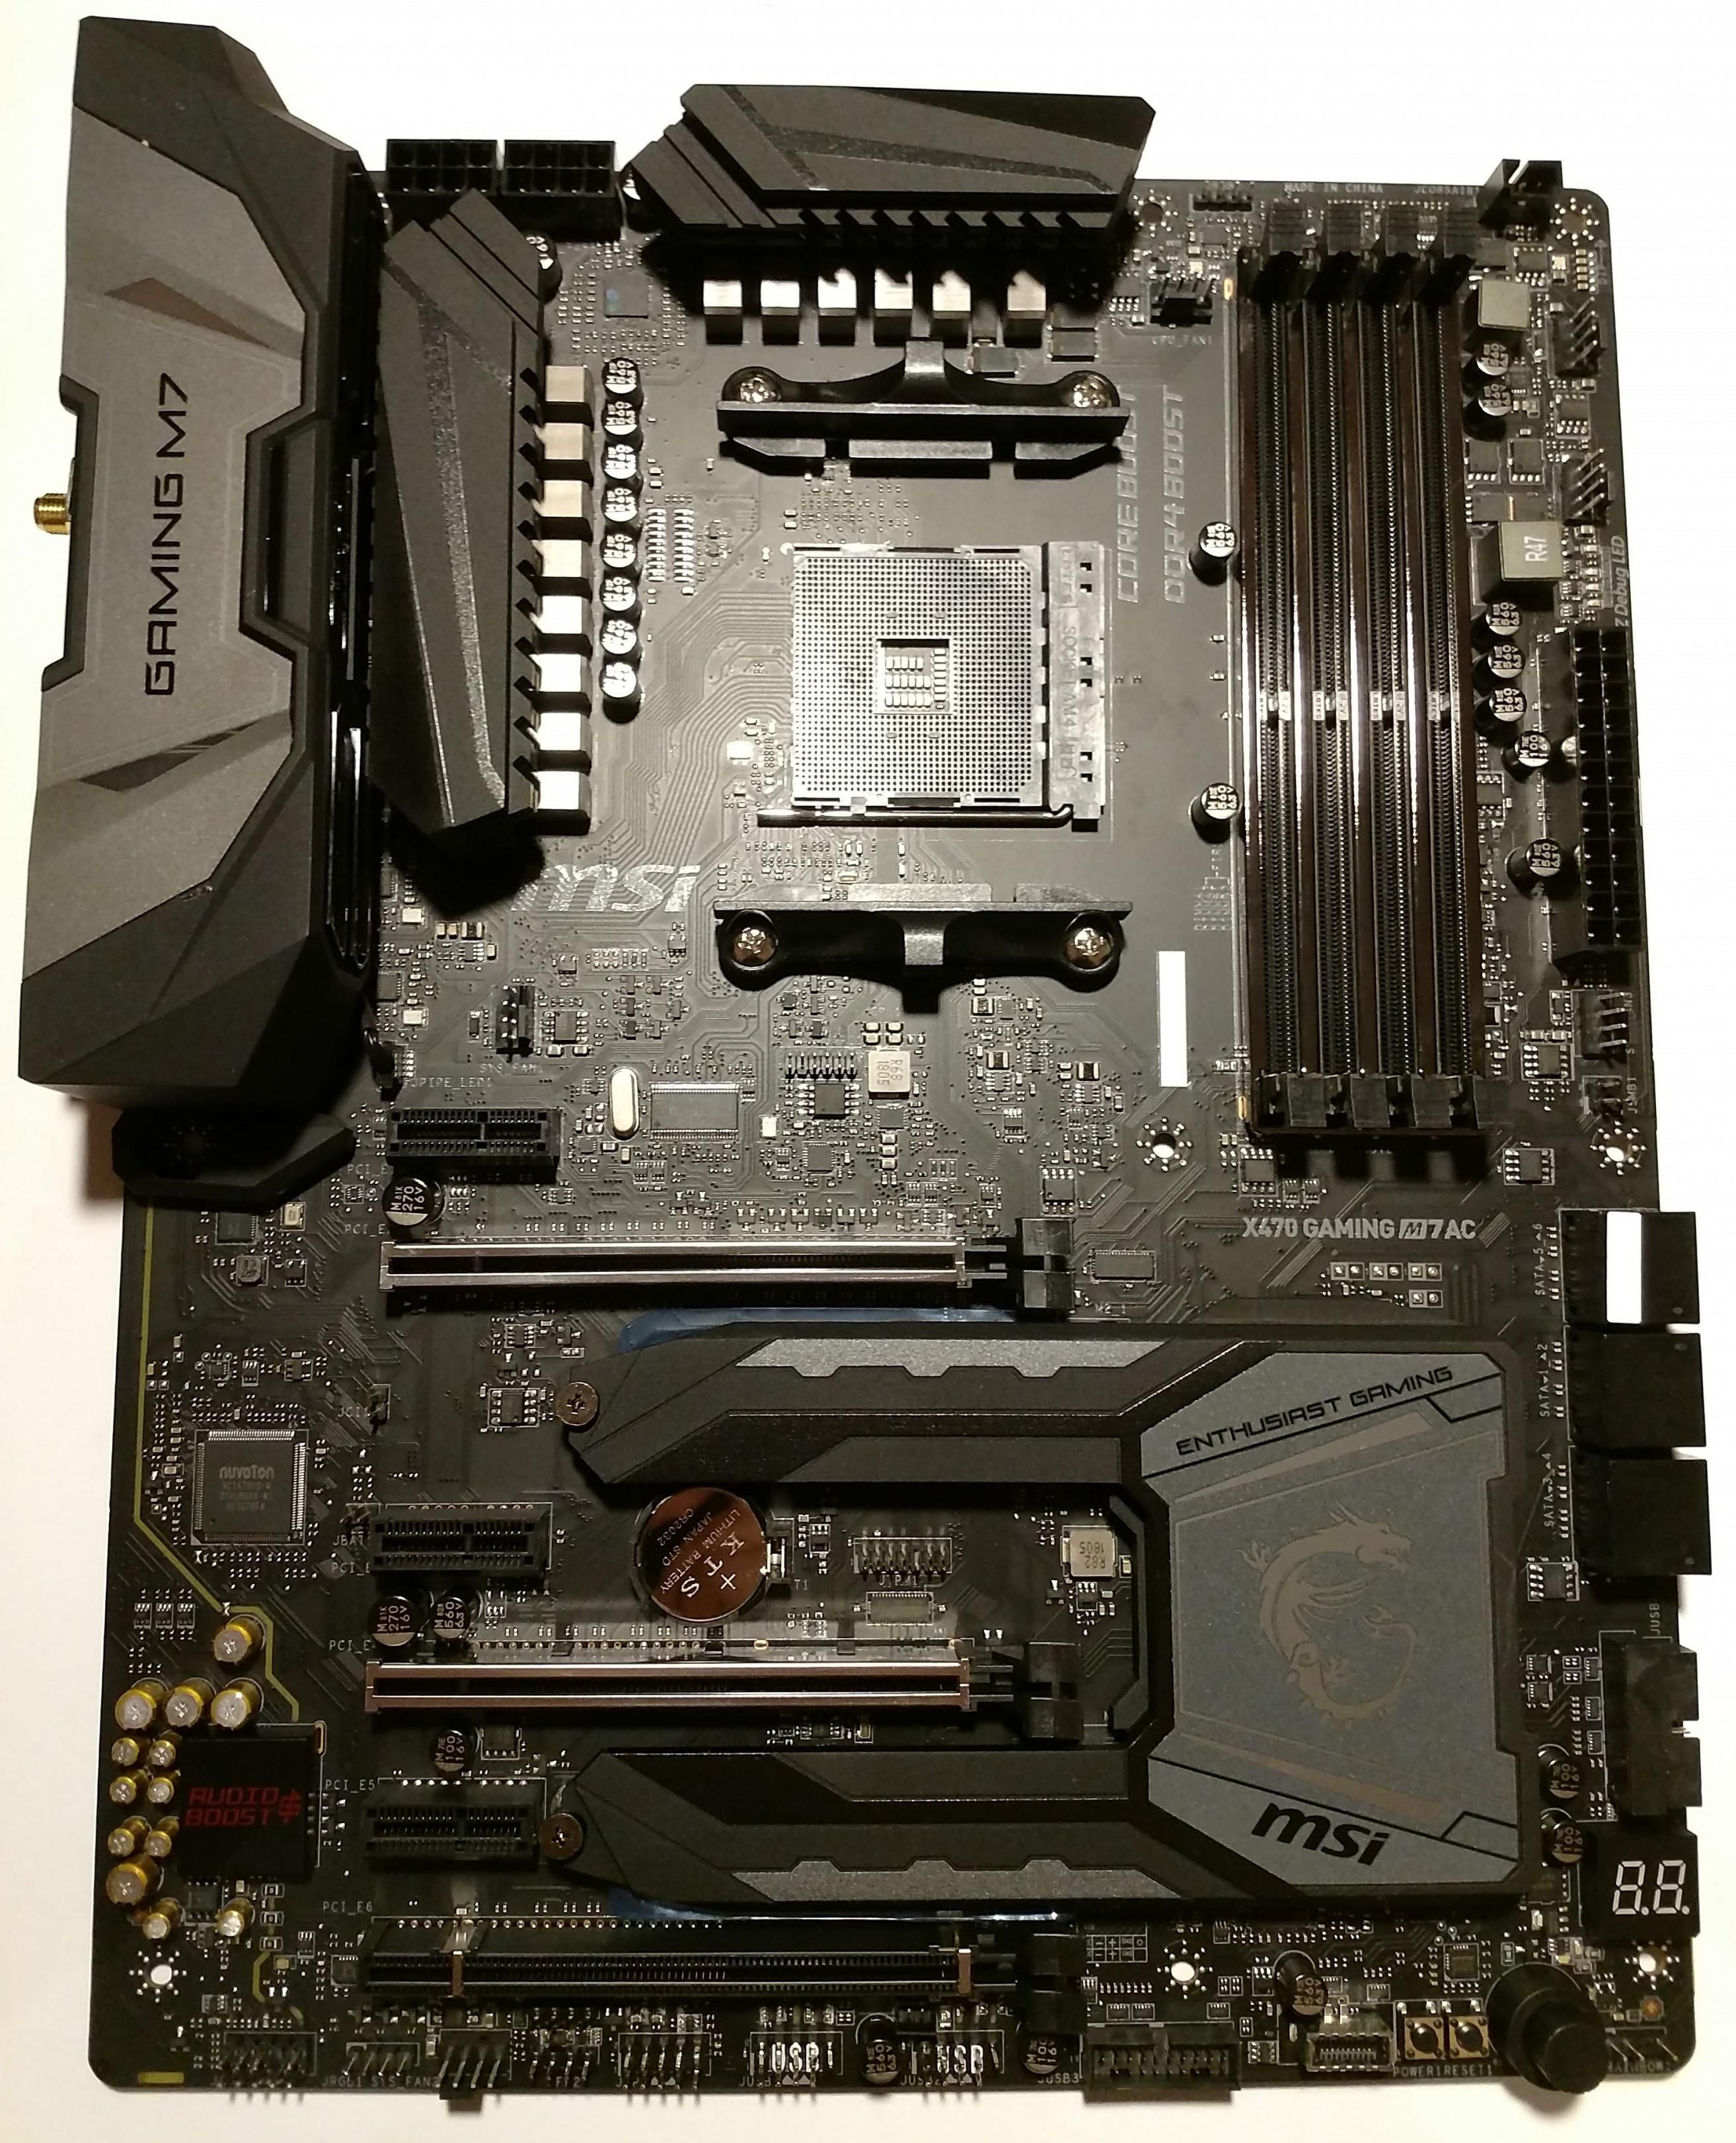 Klicken Sie auf die Grafik für eine größere Ansicht  Name:34. MSI X470 Gaming M7 AC Mainboard.jpg Hits:43 Größe:2,24 MB ID:1000579